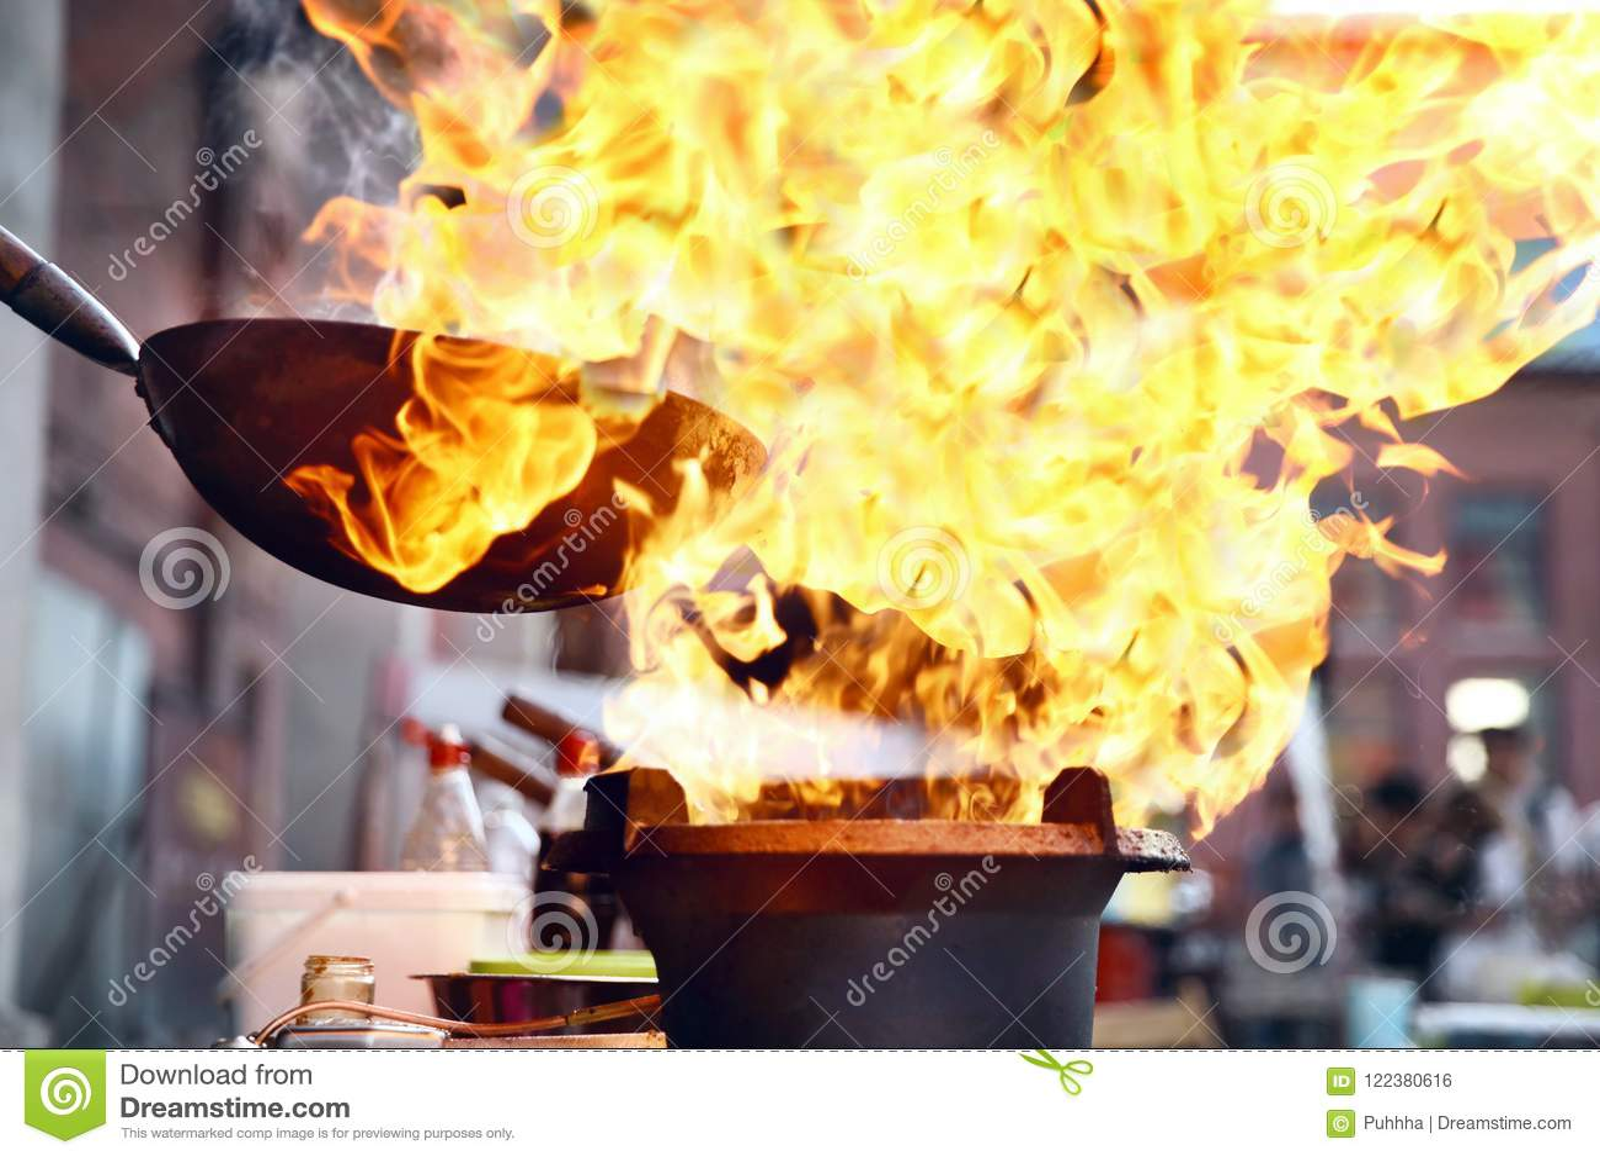 Фестиваль еды улицы Варить еду на огне